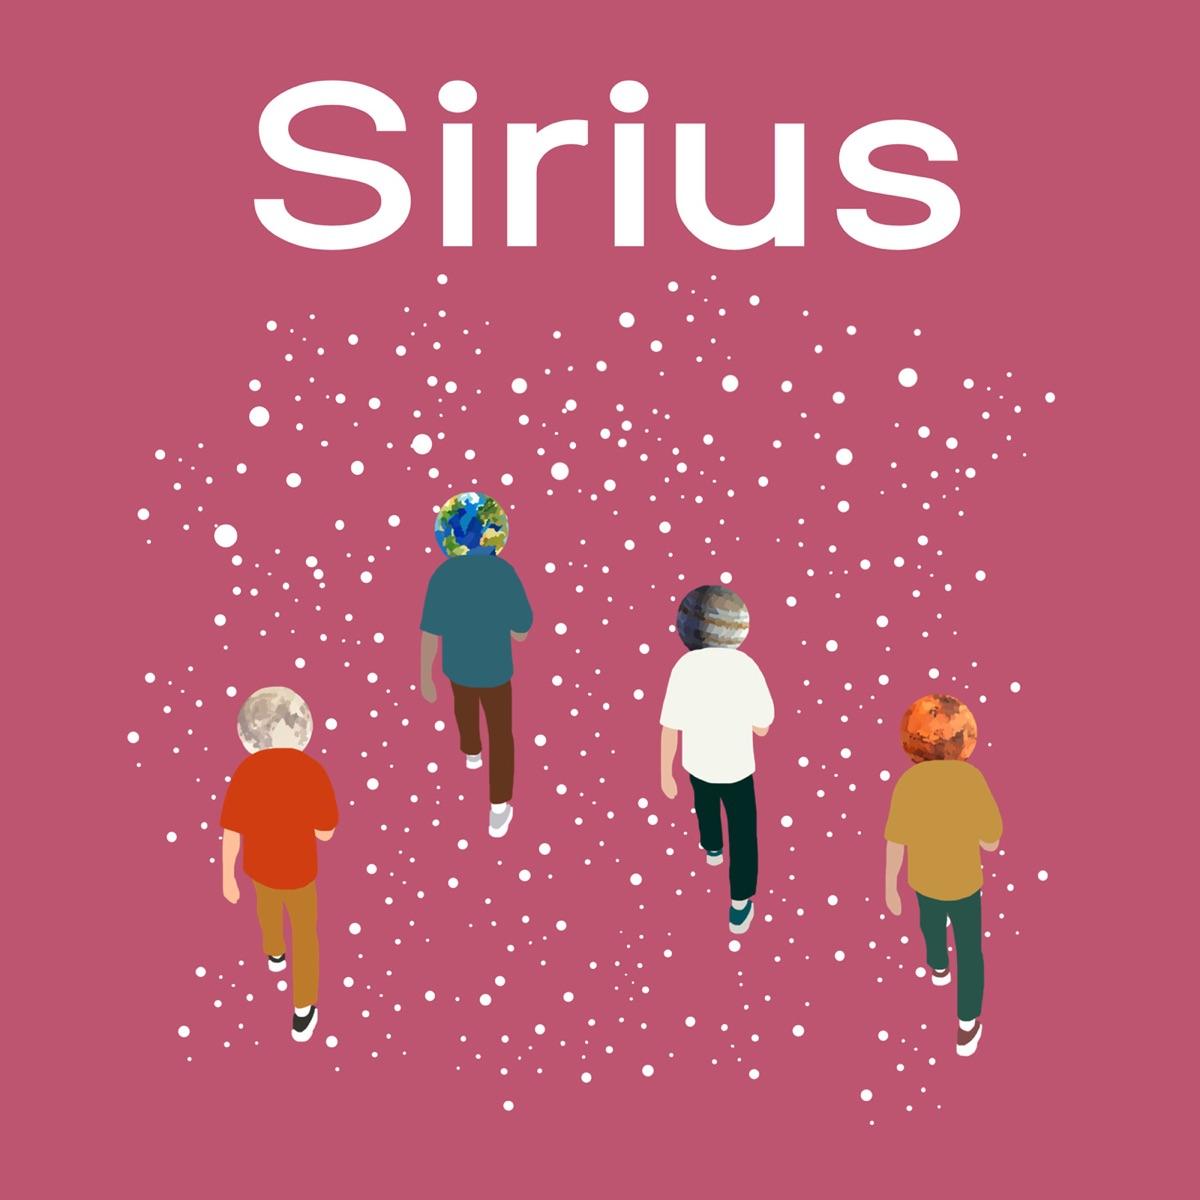 『Mr.ふぉるて - シリウス』収録の『シリウス』ジャケット